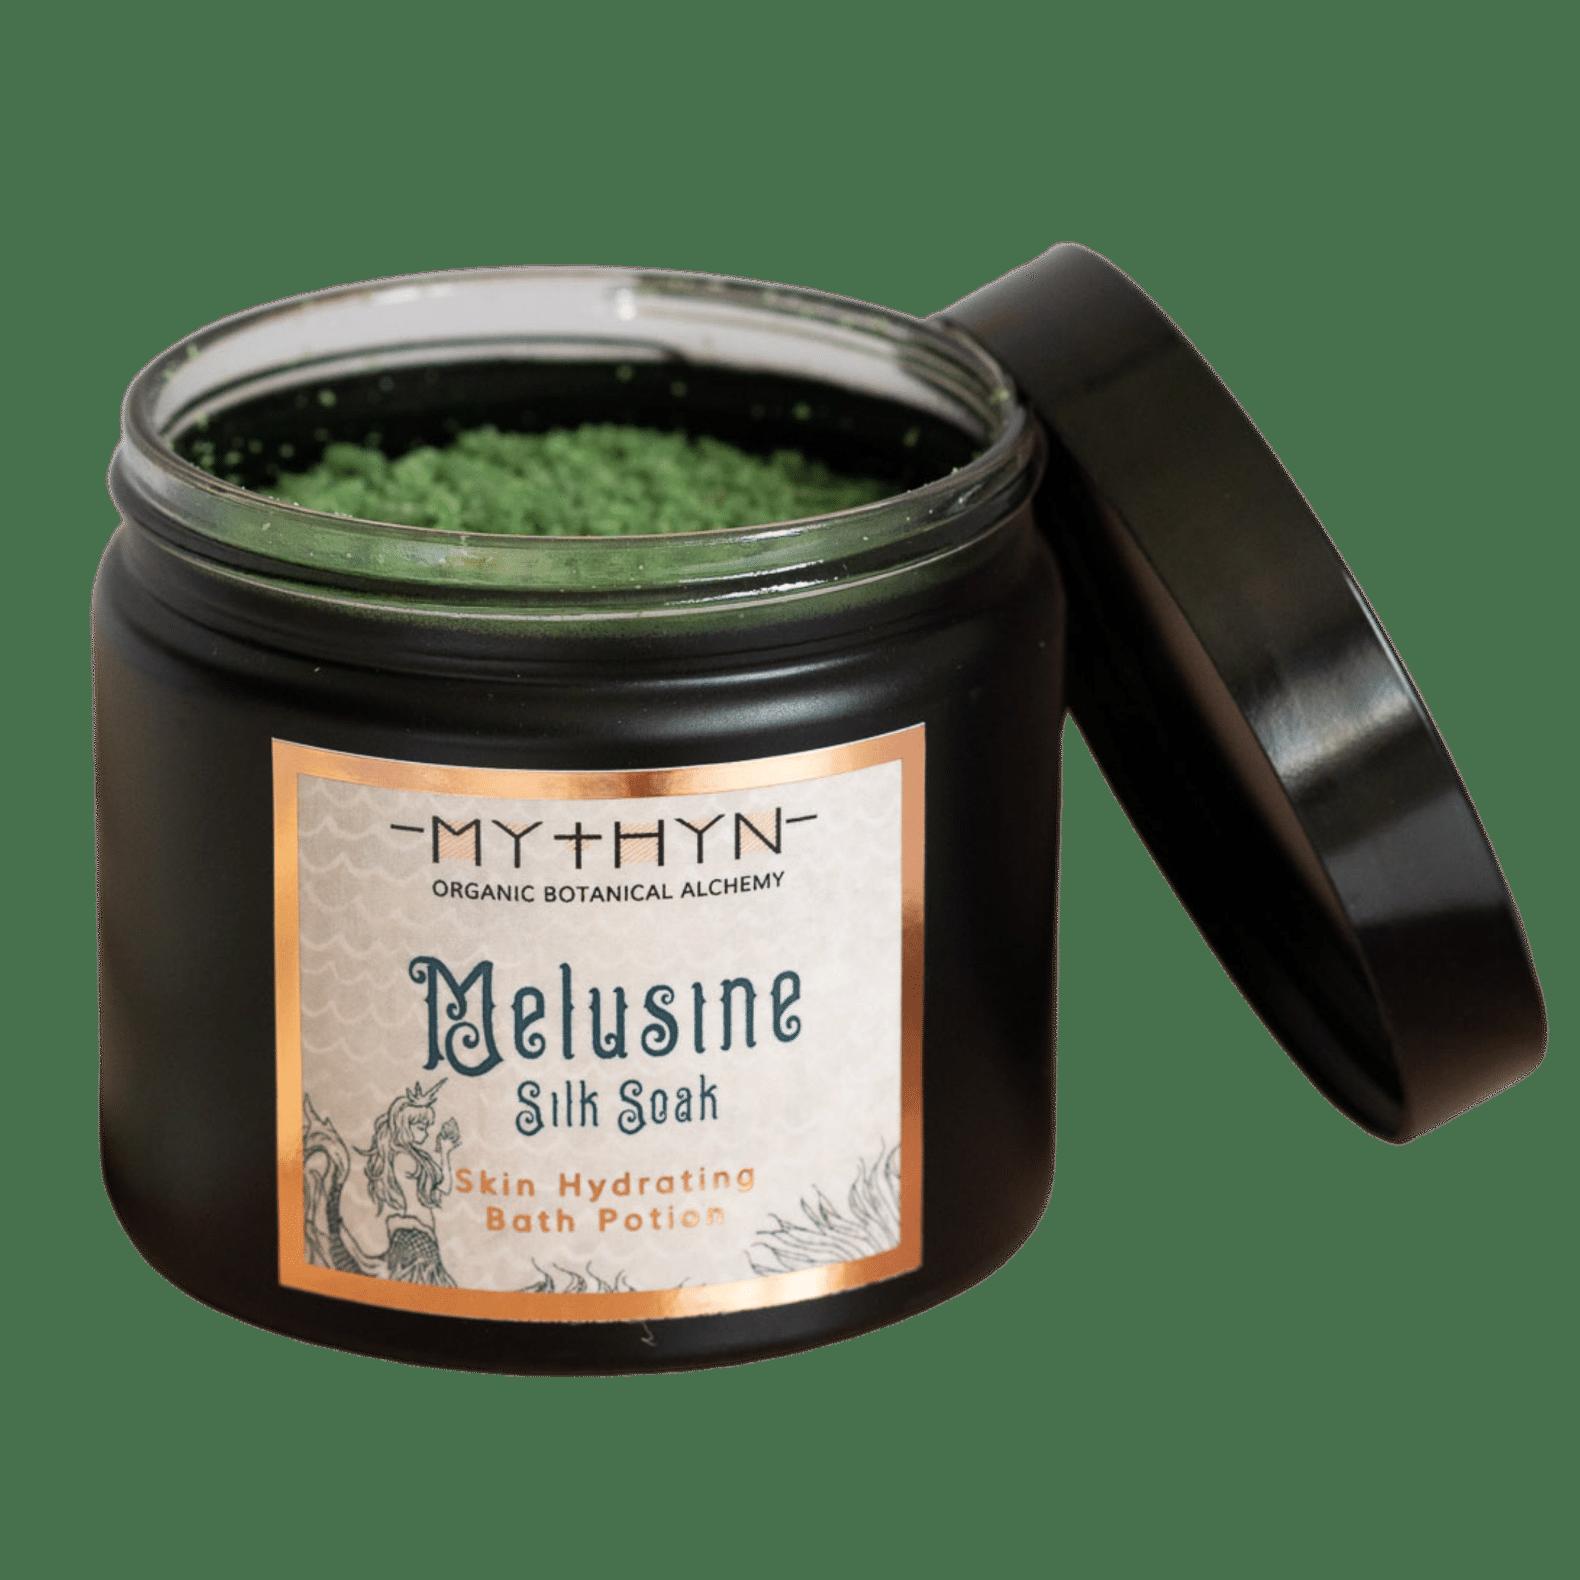 Mythyn - Melusine Silk Bath Soak